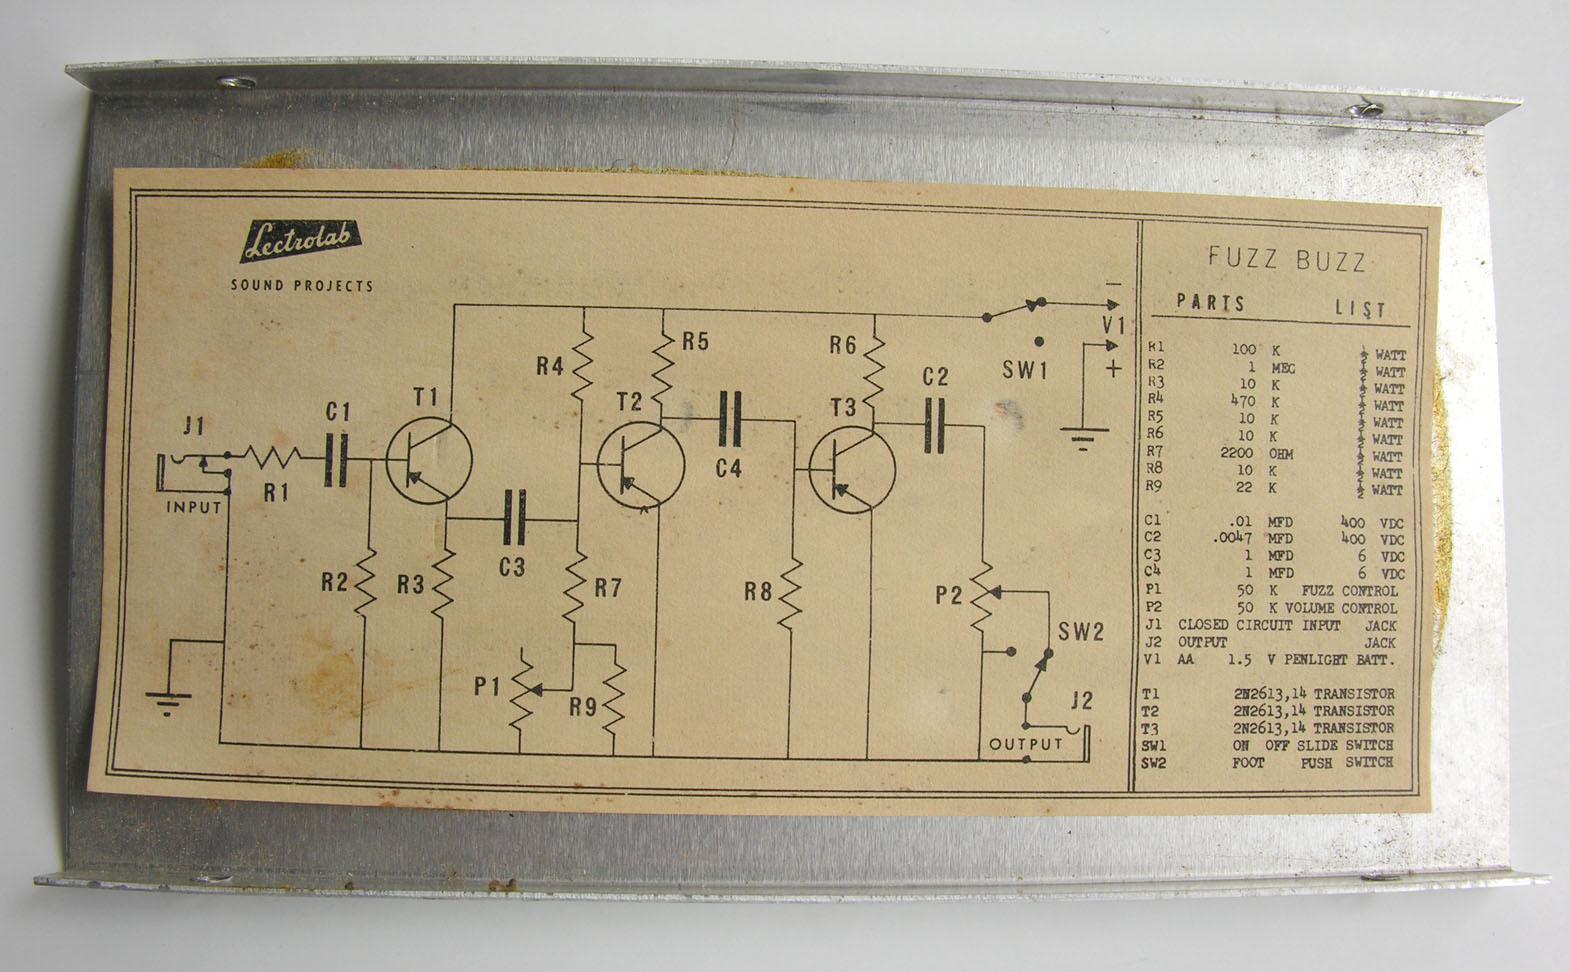 Vintage Fuzz Box Guitar Distortion Pedal Schematics